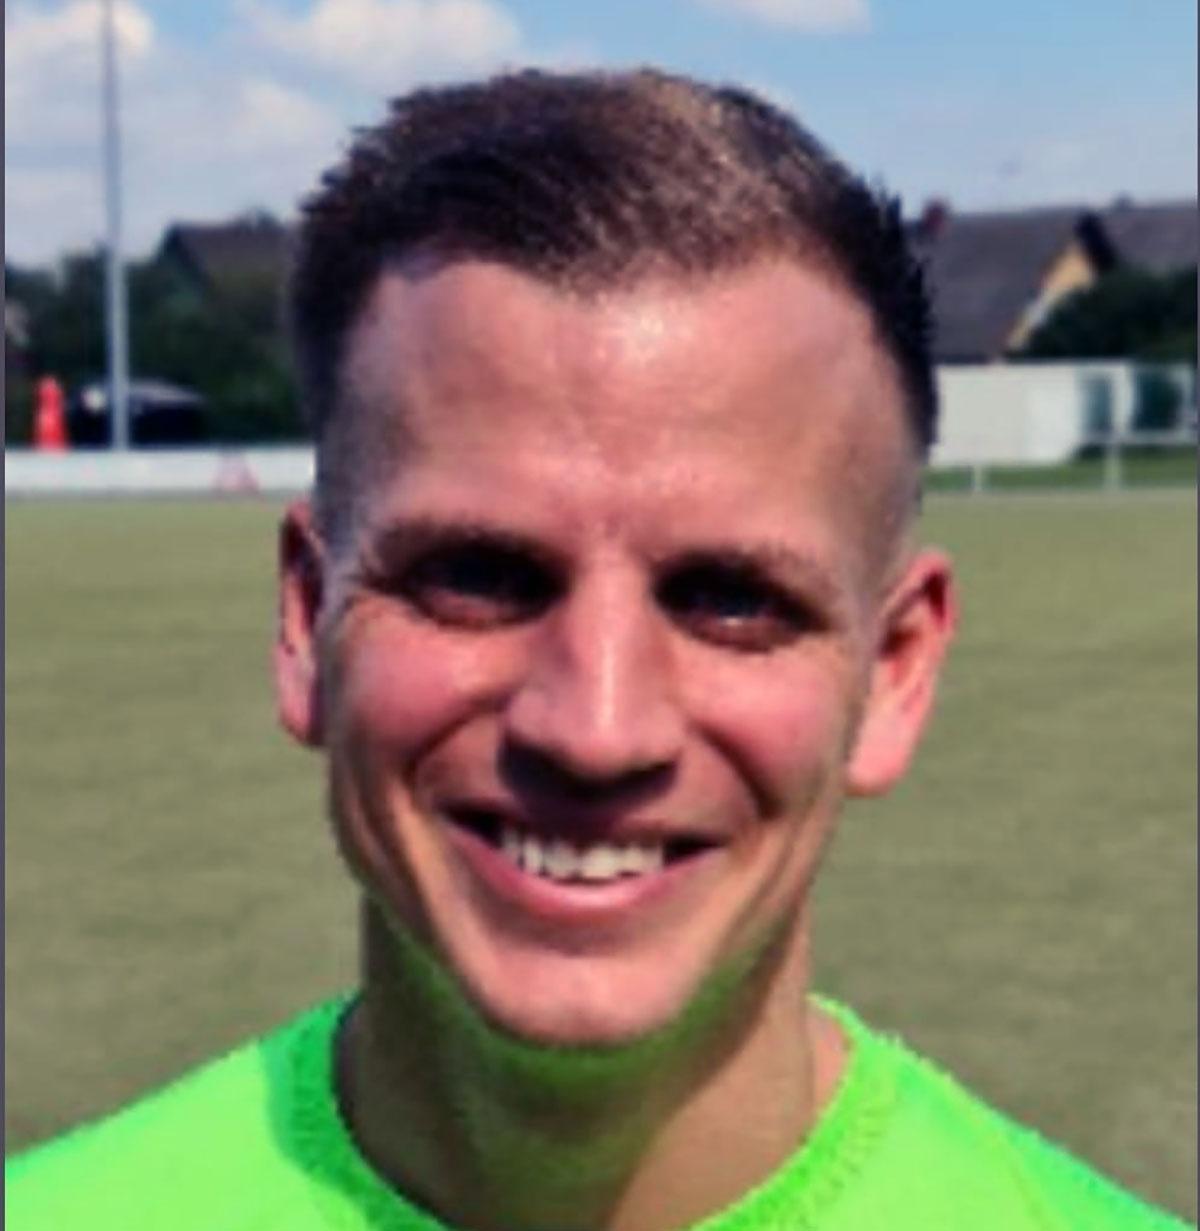 Marvin Böhme wird zumindest bis zum Winter weiter als Spielertrainer beim abstiegsbedrohten Kreisligisten SV Stockum fungieren. Foto: SVS